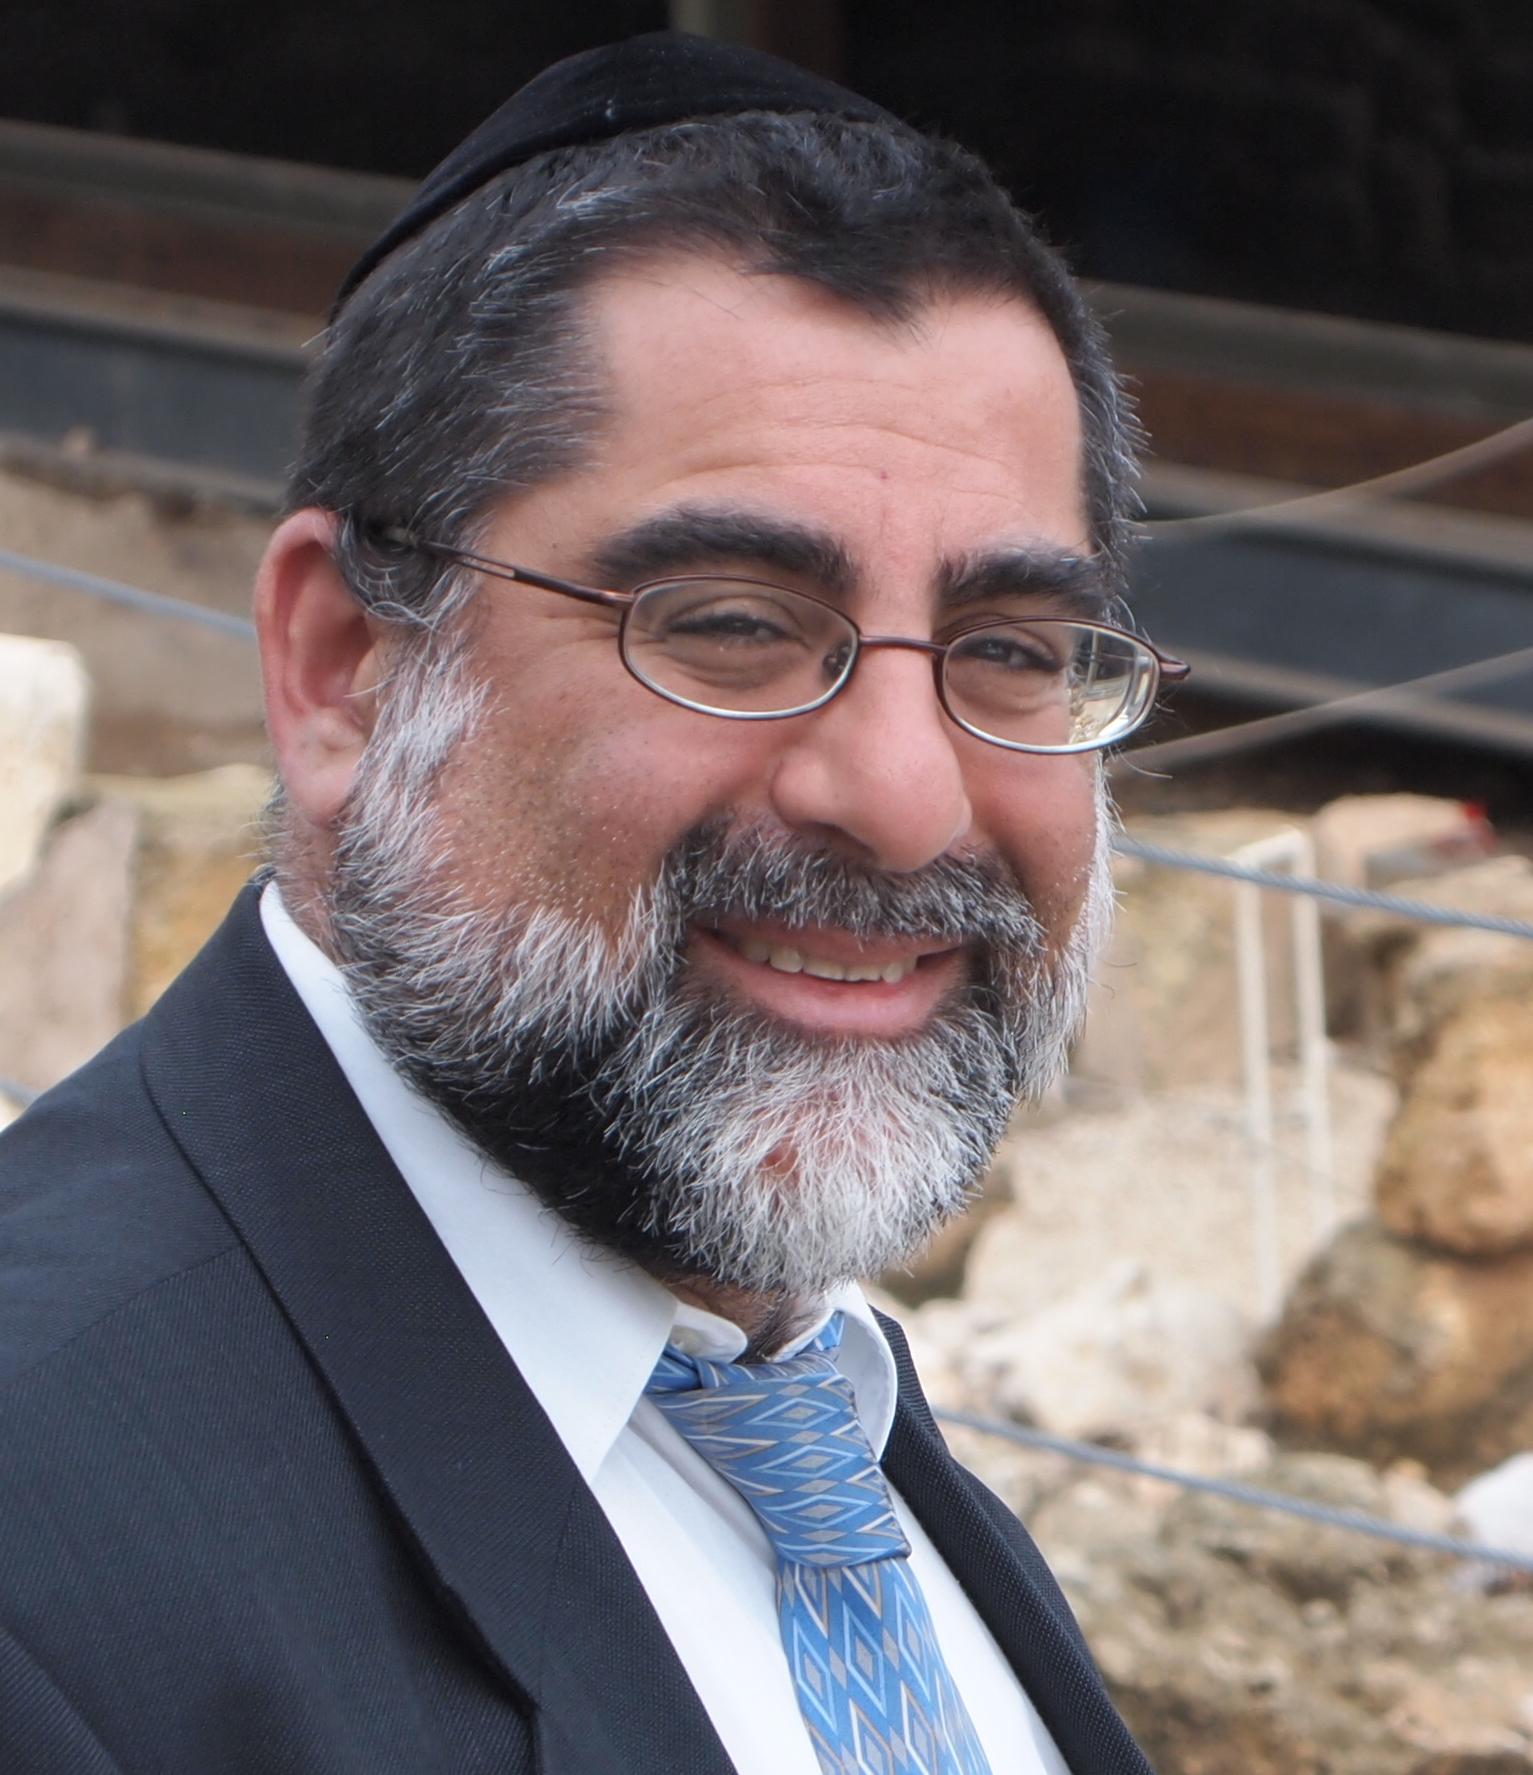 Rabbi Avram Bogopulsky